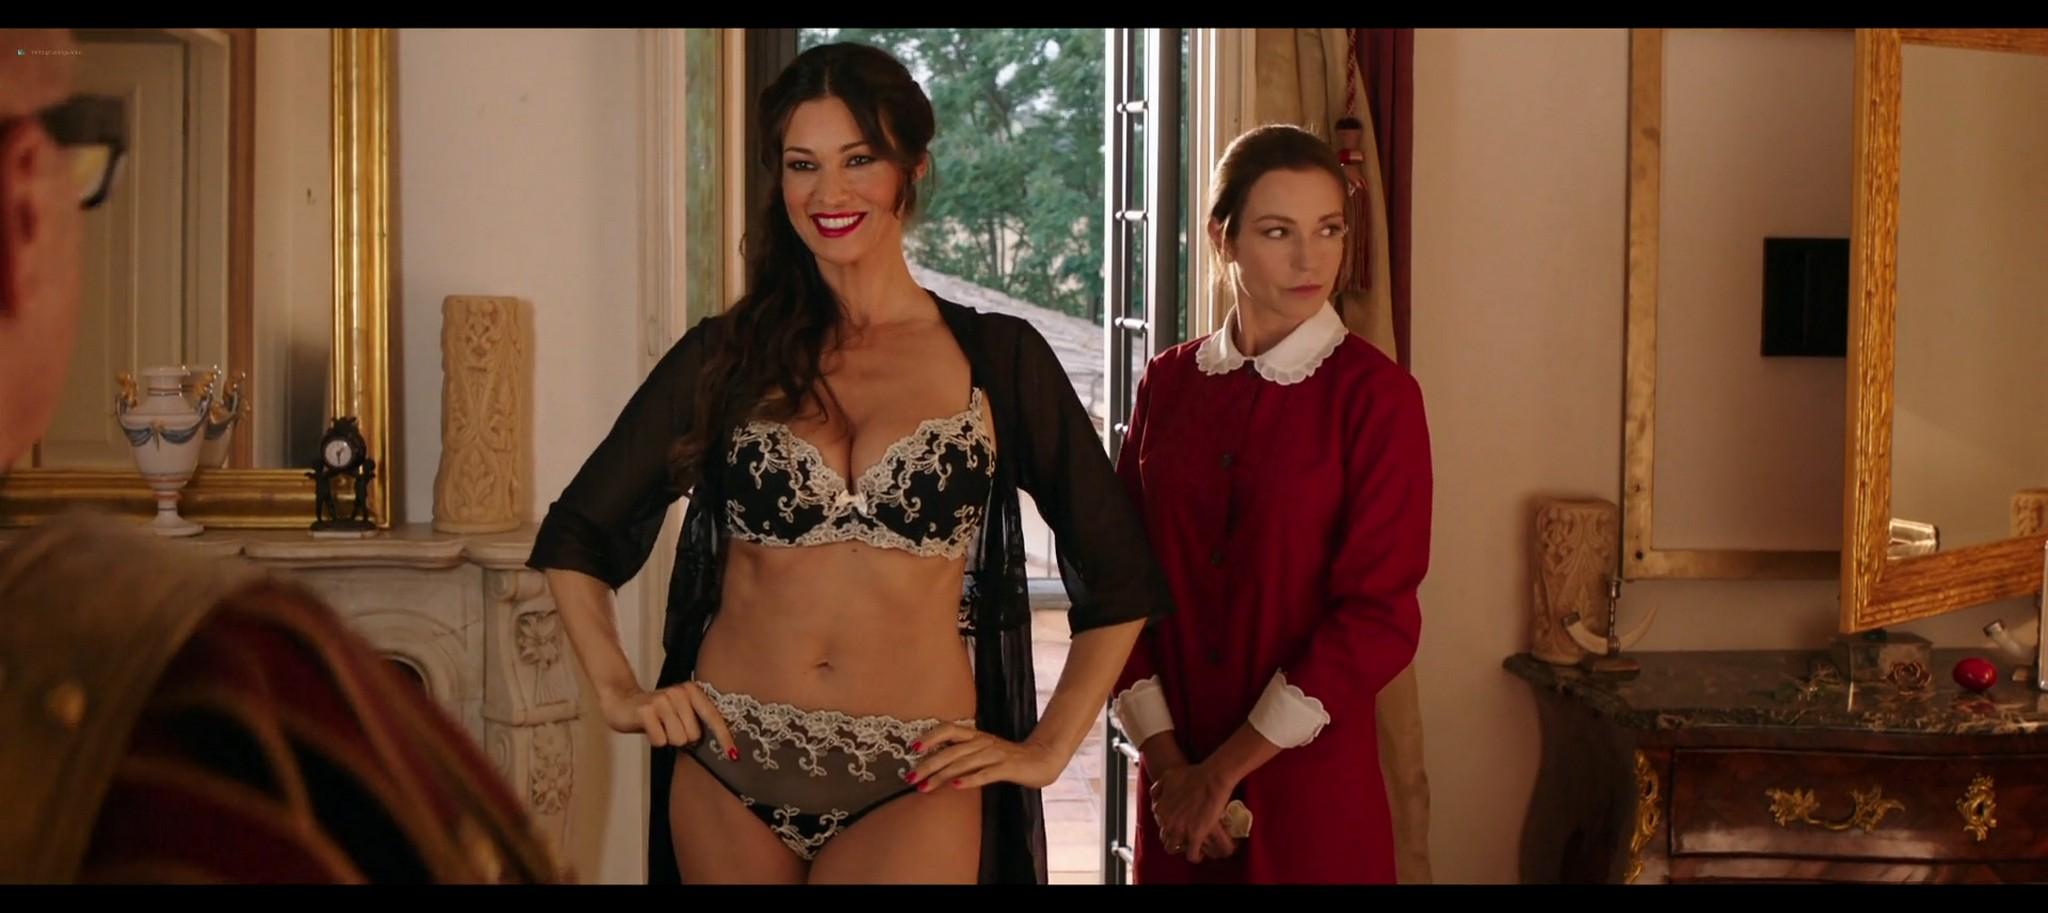 Manuela Arcuri hot bust Ria Antoniou sexy Non si ruba a casa dei ladri IT 2016 HD 1080p Web 009